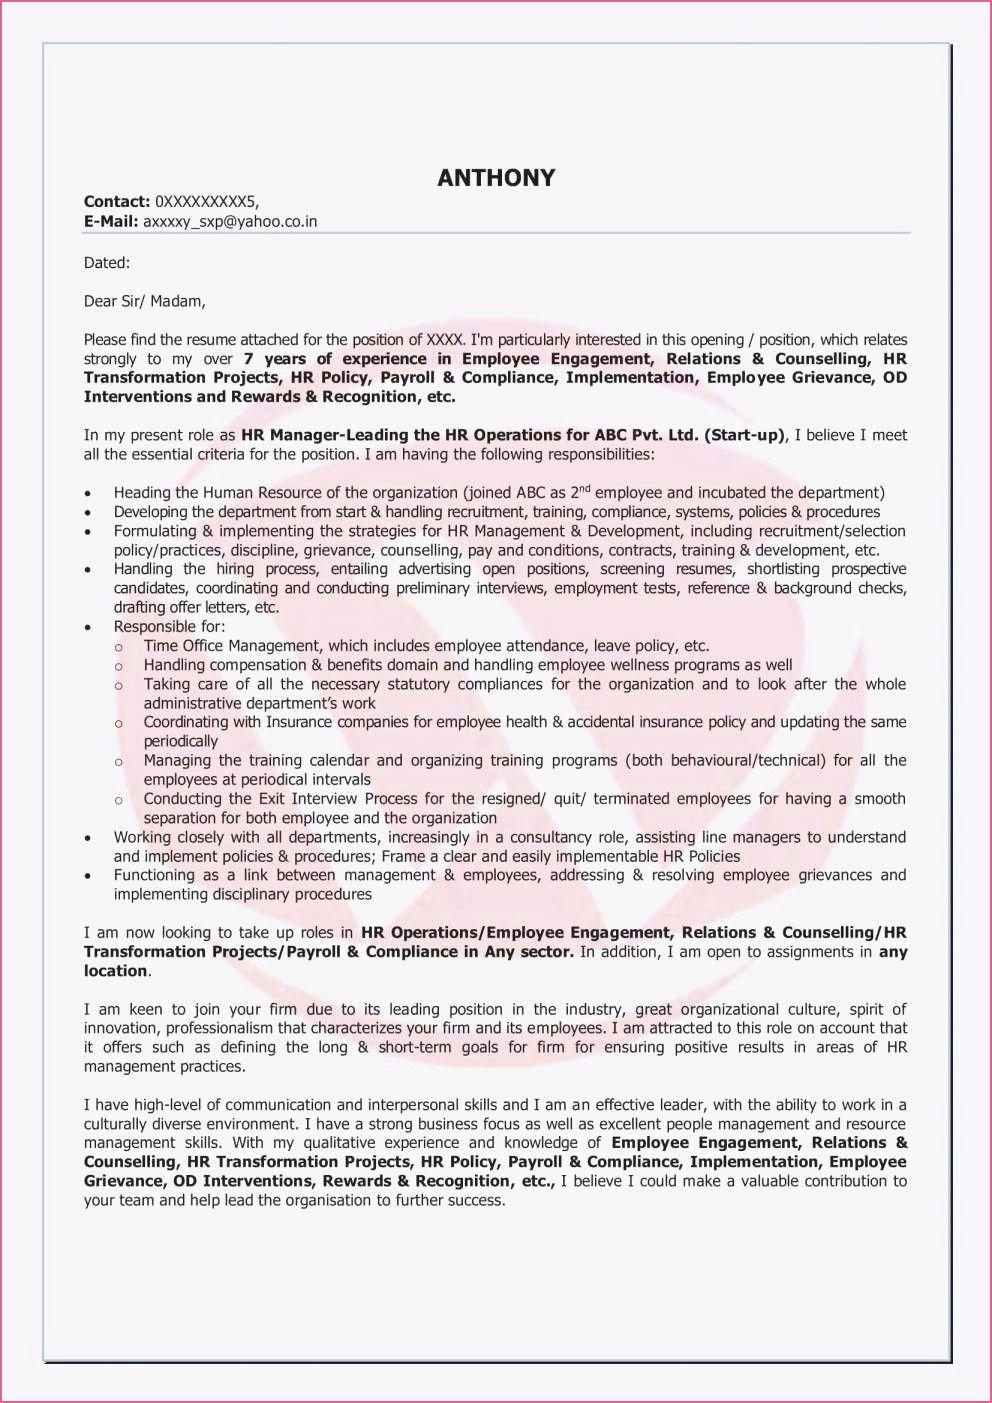 Beschwerdebrief B2 Muster In 2020 Lebenslauf Muster Bewerbung Praktikum Muster Brief Schreiben Muster